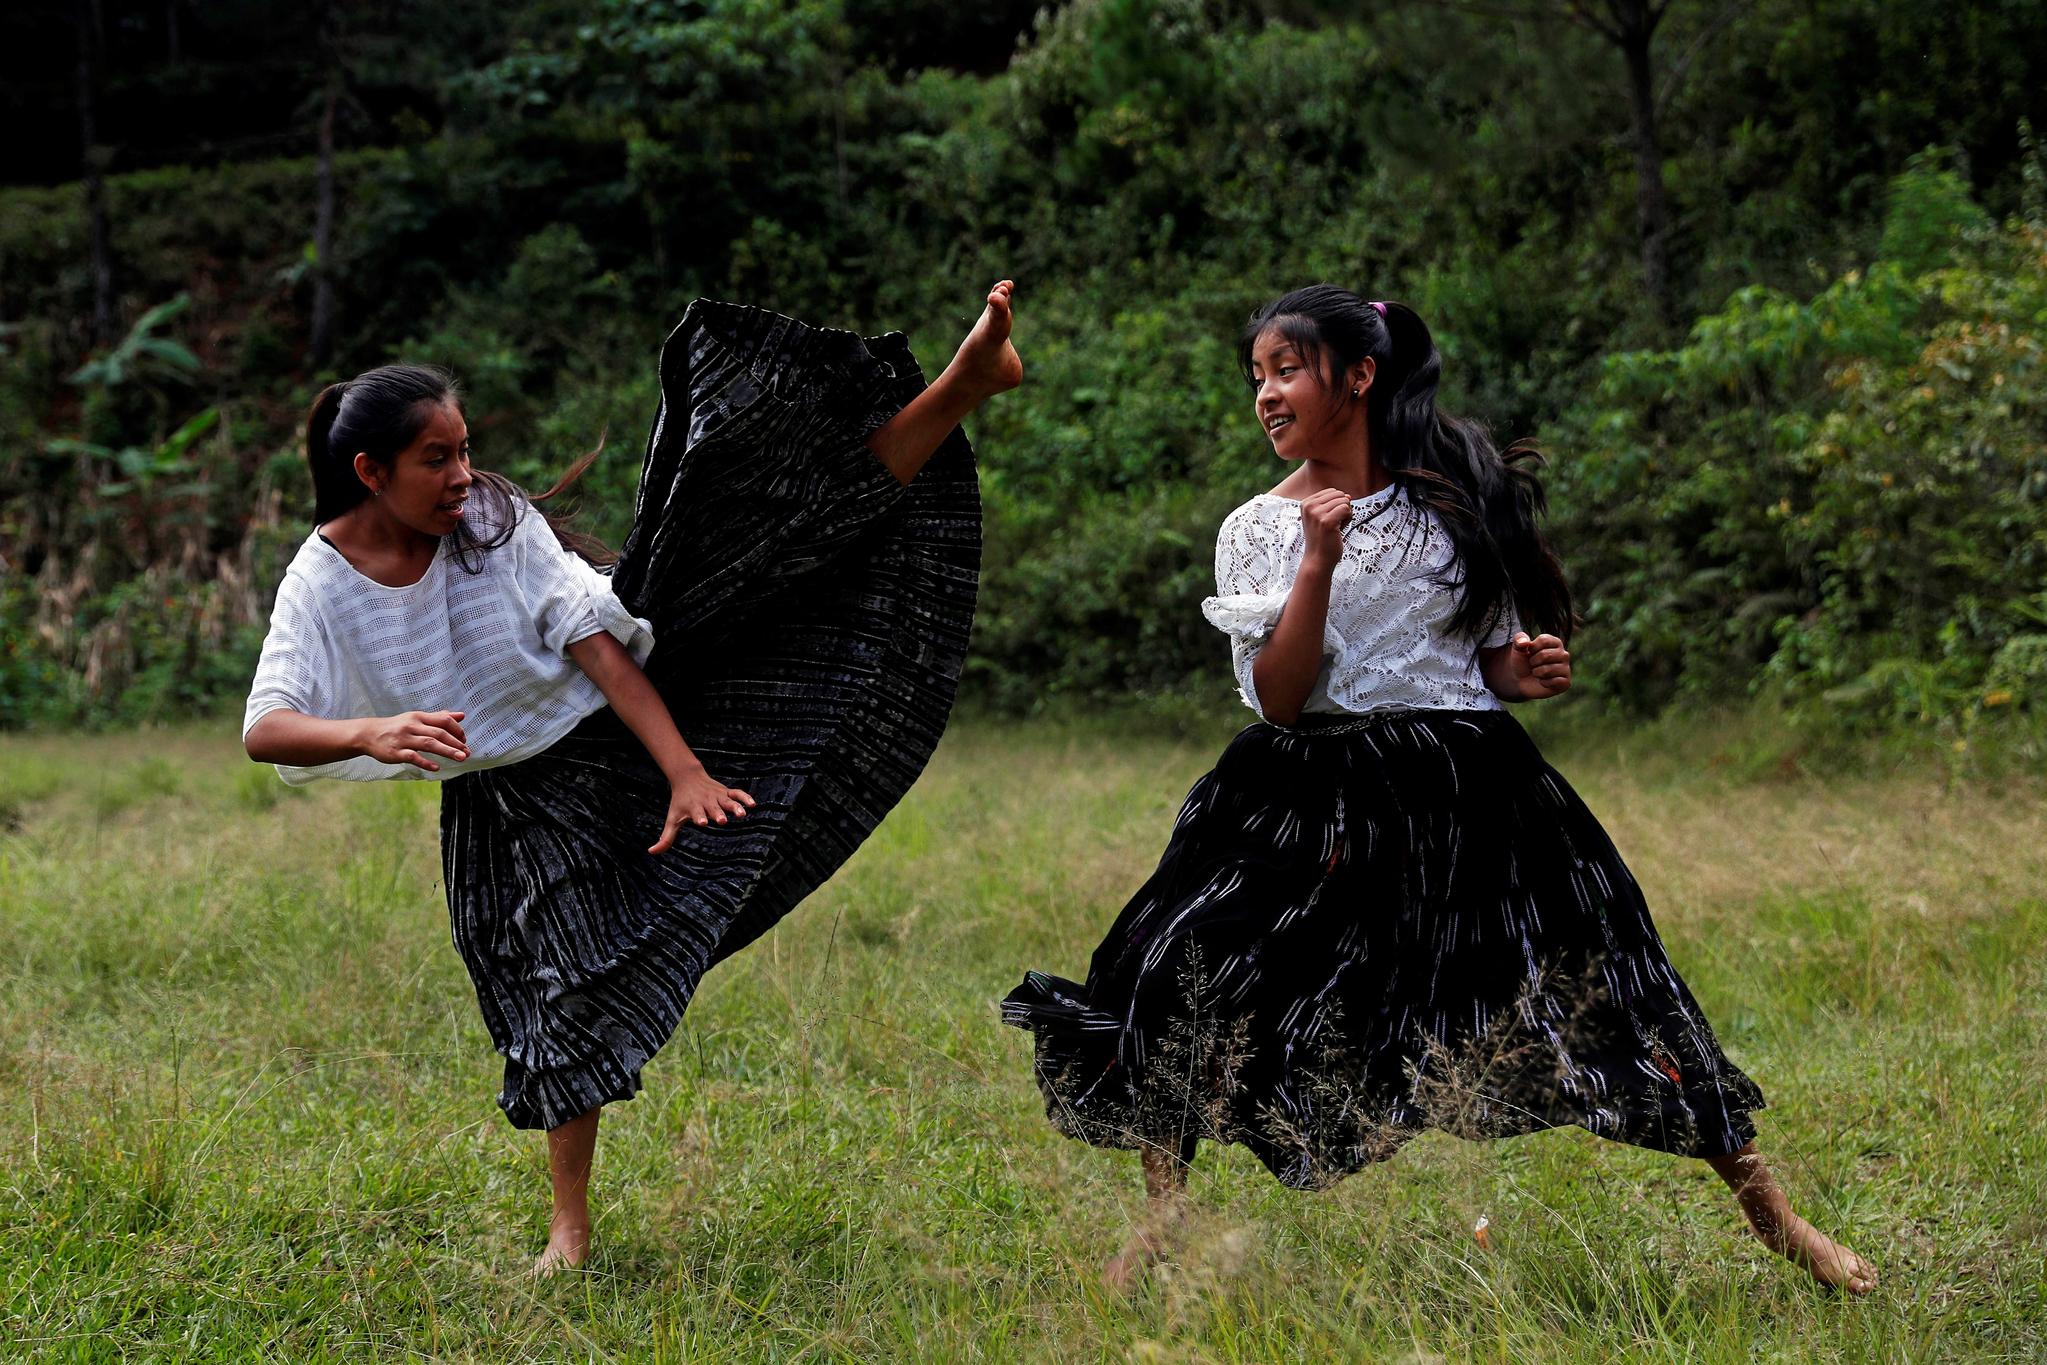 과테말라 퀘키 원주민 소녀들이 25일(현지시간) 산페드로 카르차 티풀칸 마을 들판에서 태권도를 연습하고 있다. [EPA=연합뉴스]